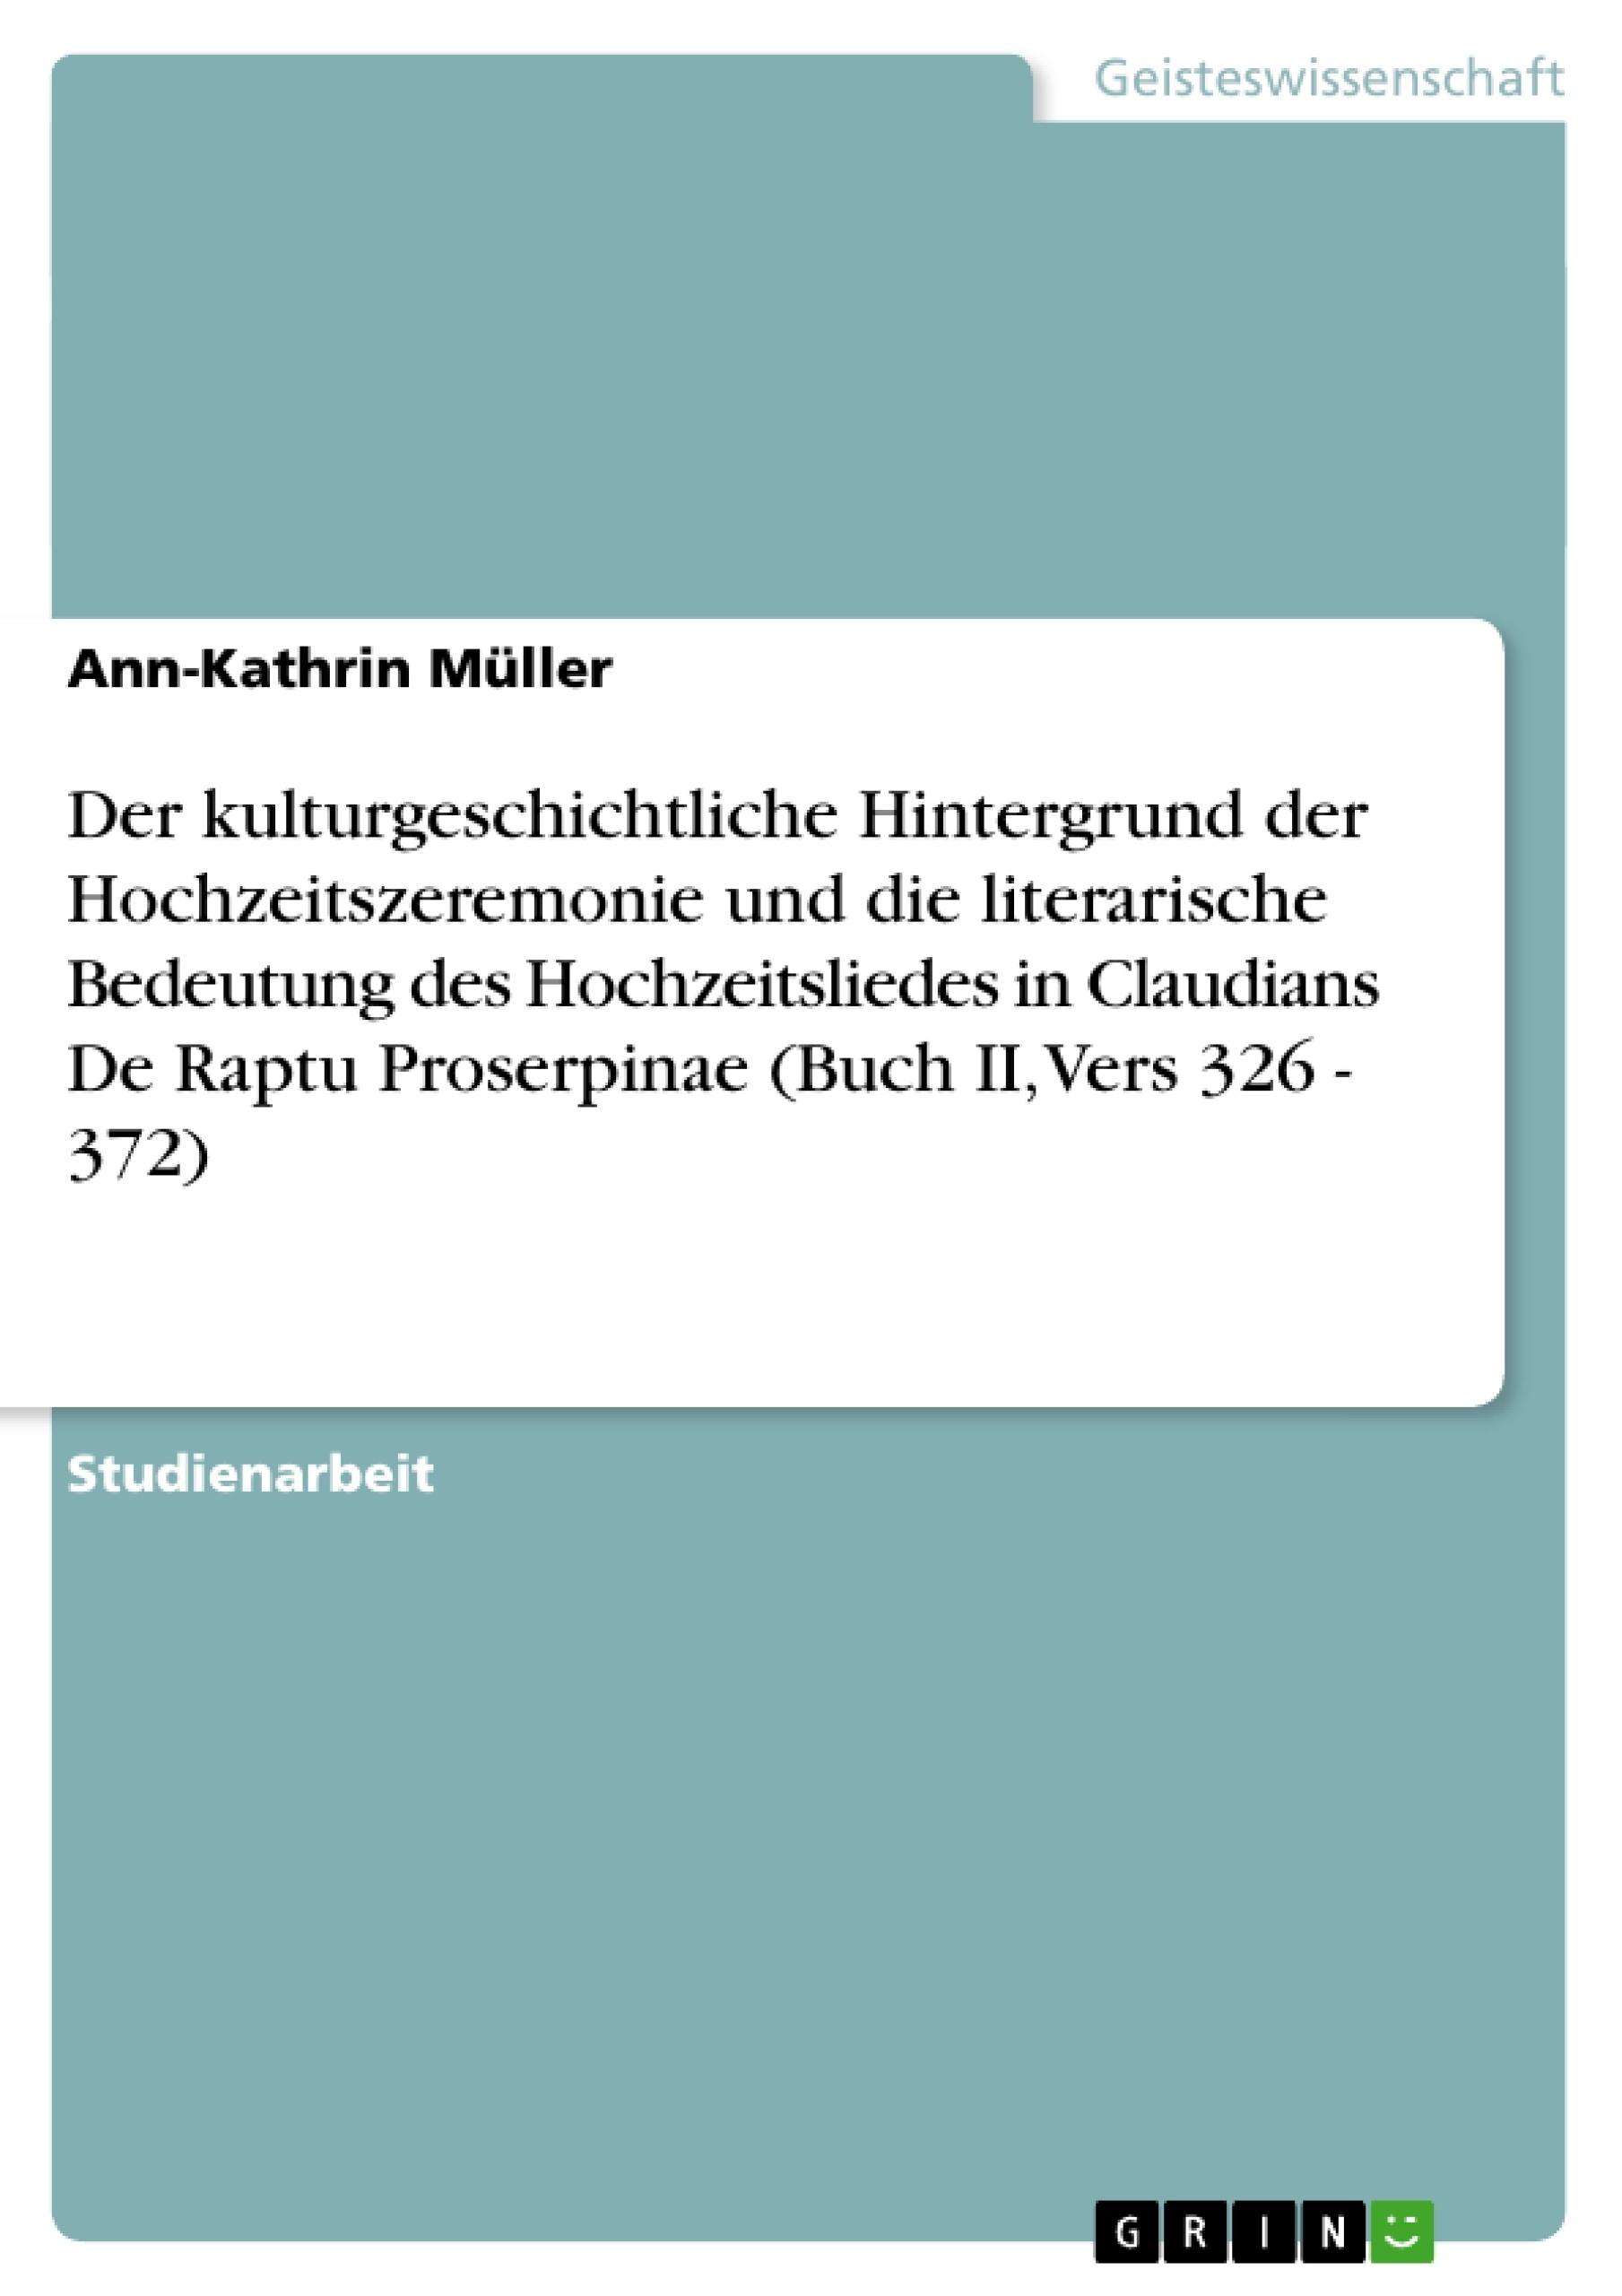 Titel: Der kulturgeschichtliche Hintergrund der Hochzeitszeremonie und die literarische Bedeutung des Hochzeitsliedes in Claudians De Raptu Proserpinae (Buch II, Vers 326 - 372)